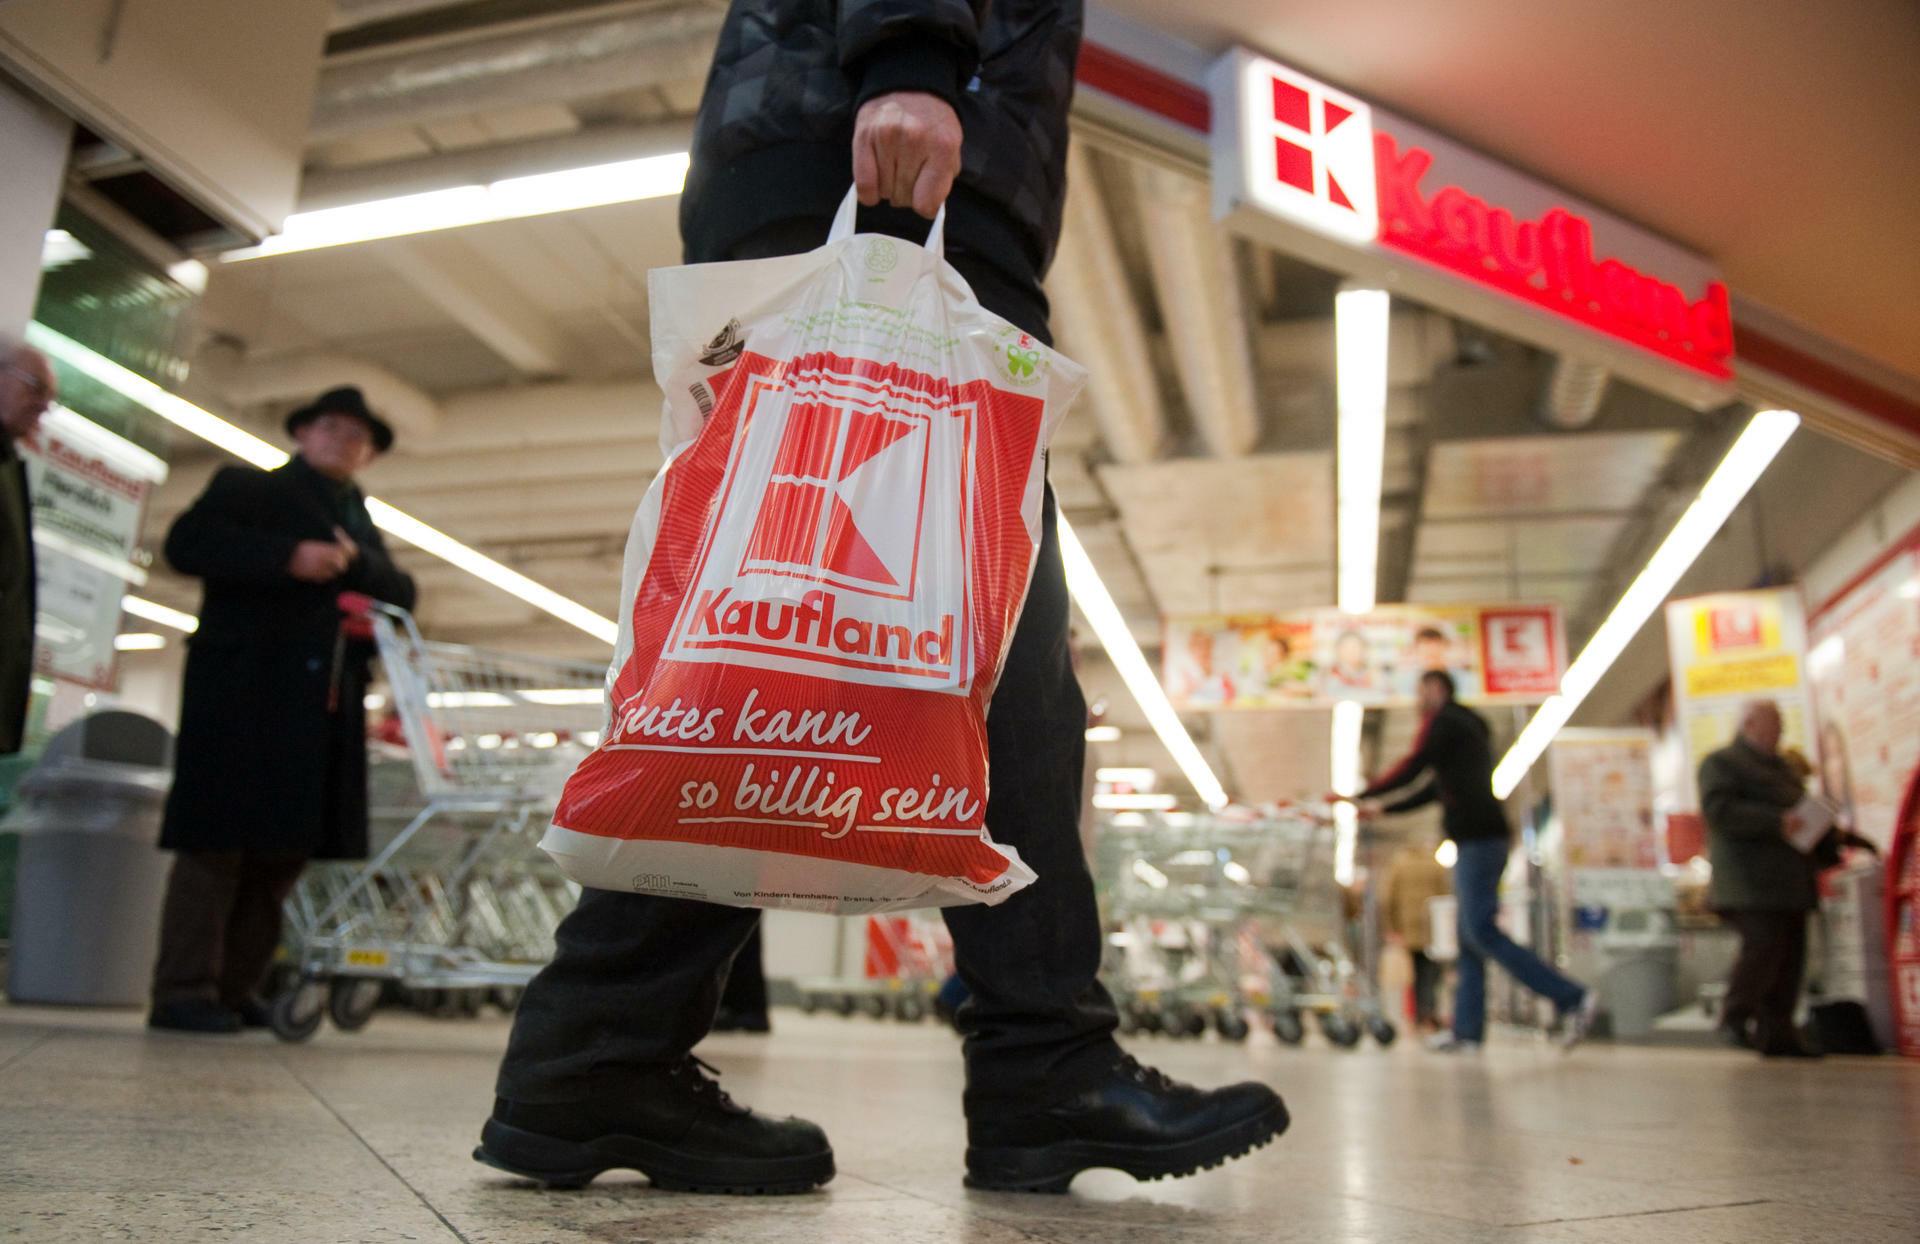 kaufland australien freut sich auf deutschen einzelhndler - Kaufland Online Bewerbung